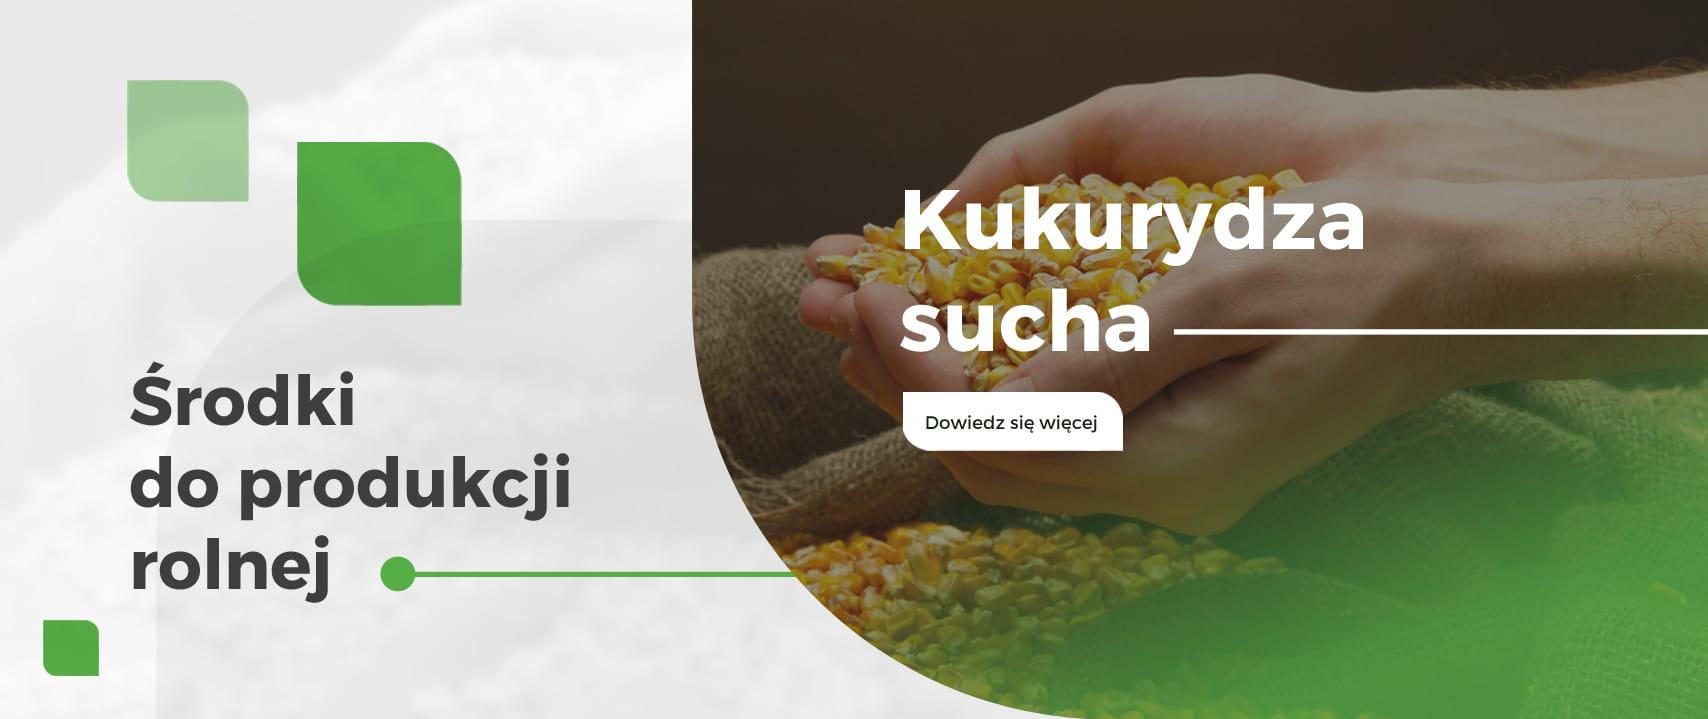 RATBET - Kukurydza sucha